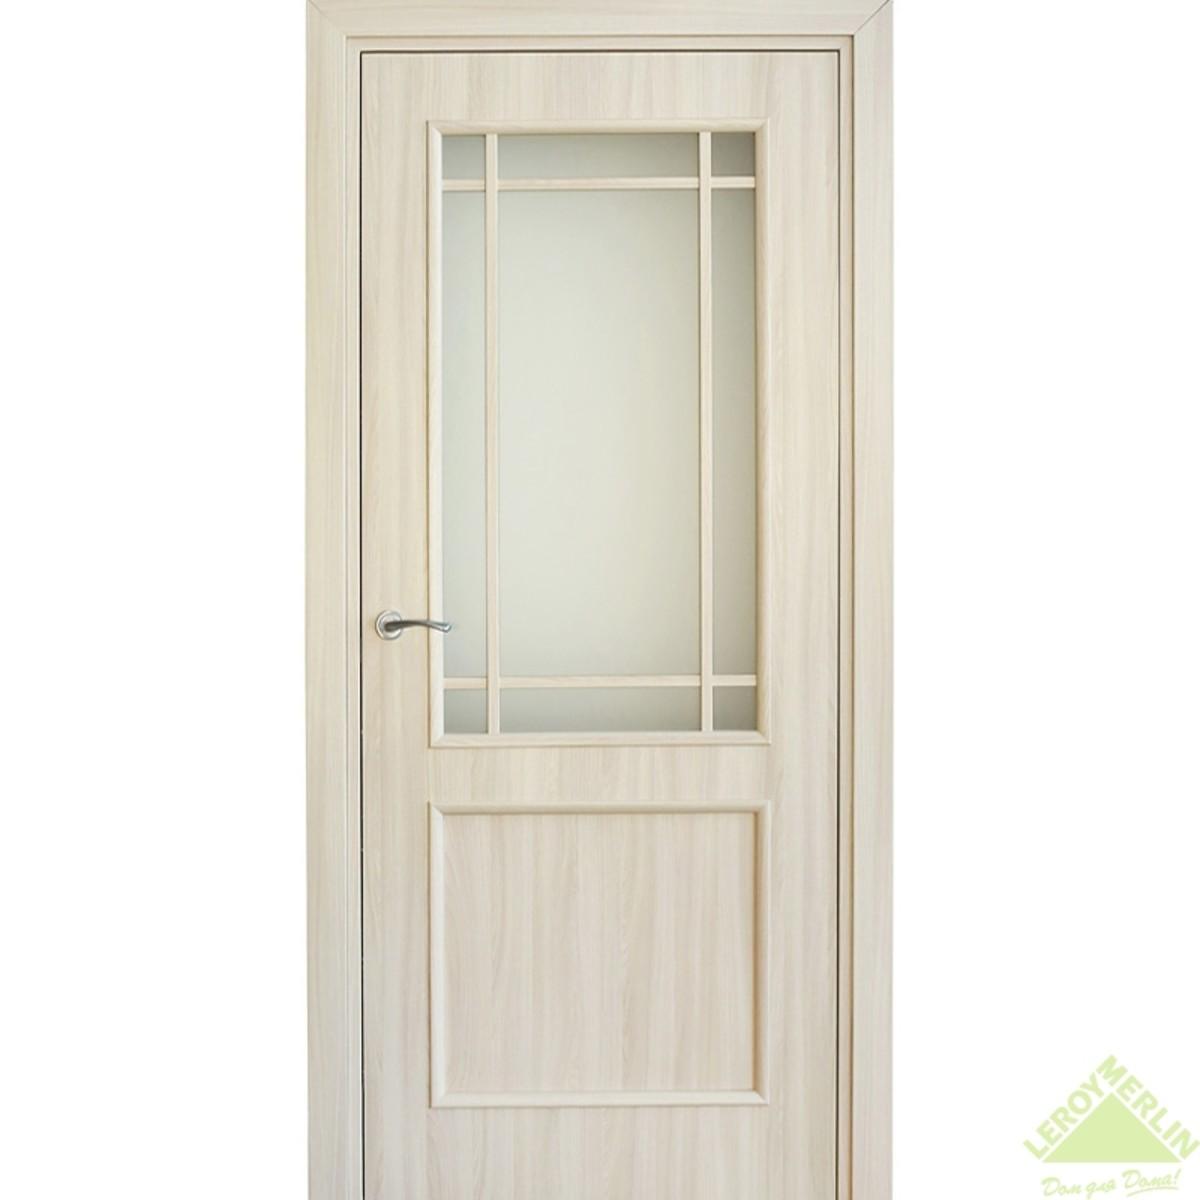 Дверь межкомнатная остеклённая Фортунато Классика 60x200 см ламинация цвет ясень